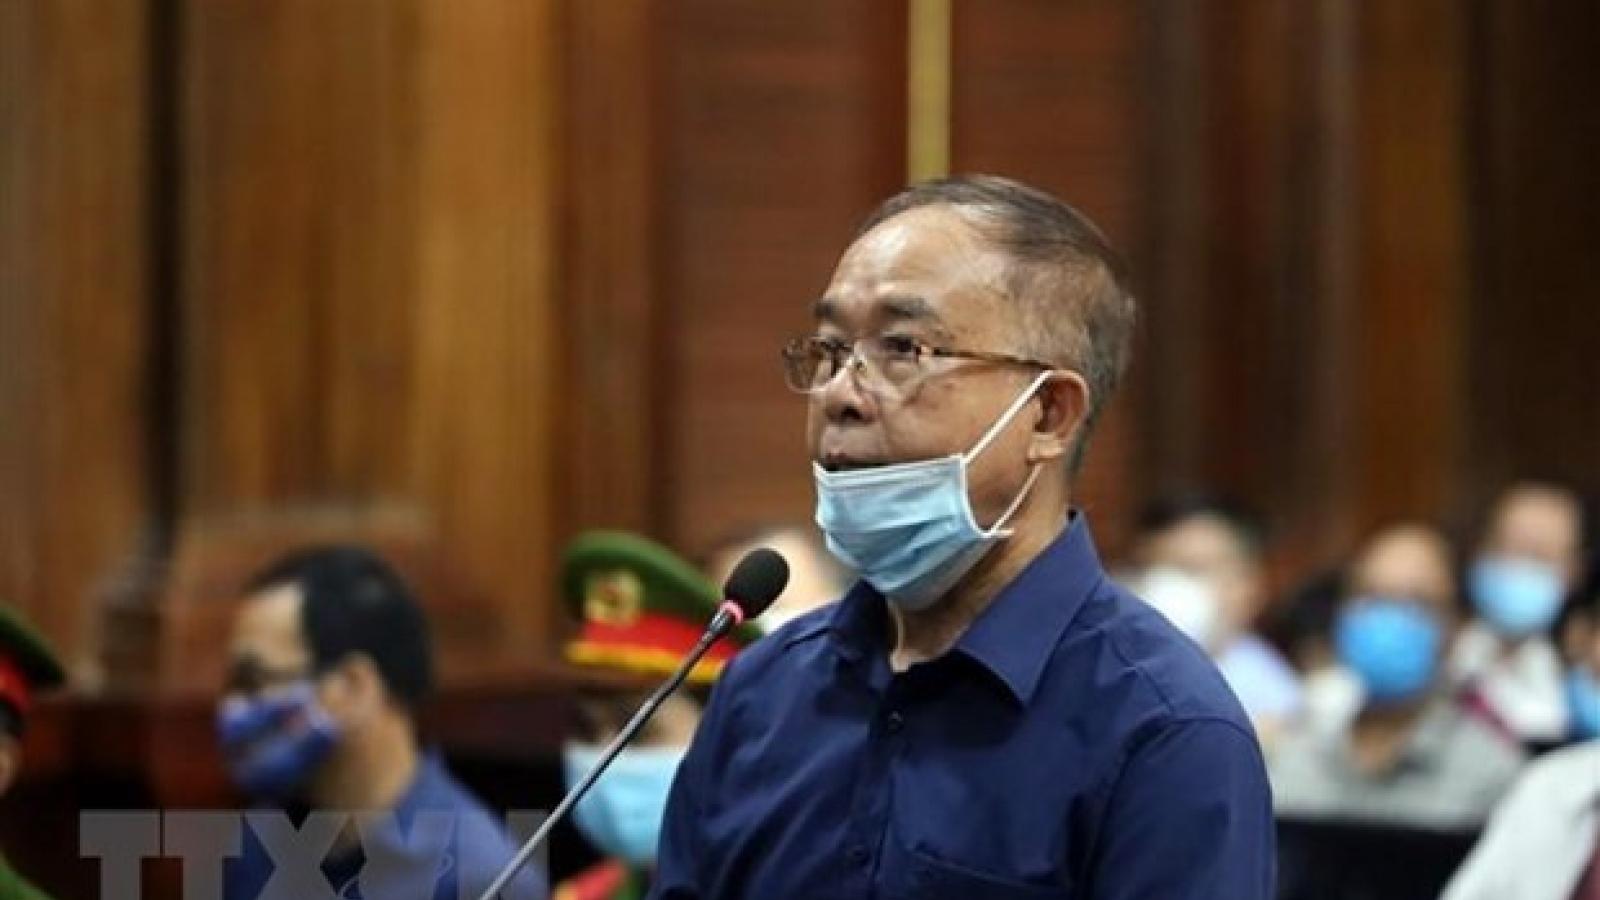 Nguyên Phó Chủ tịch UBND TP.HCM Nguyễn Thành Tài tiếp tục bị truy tố